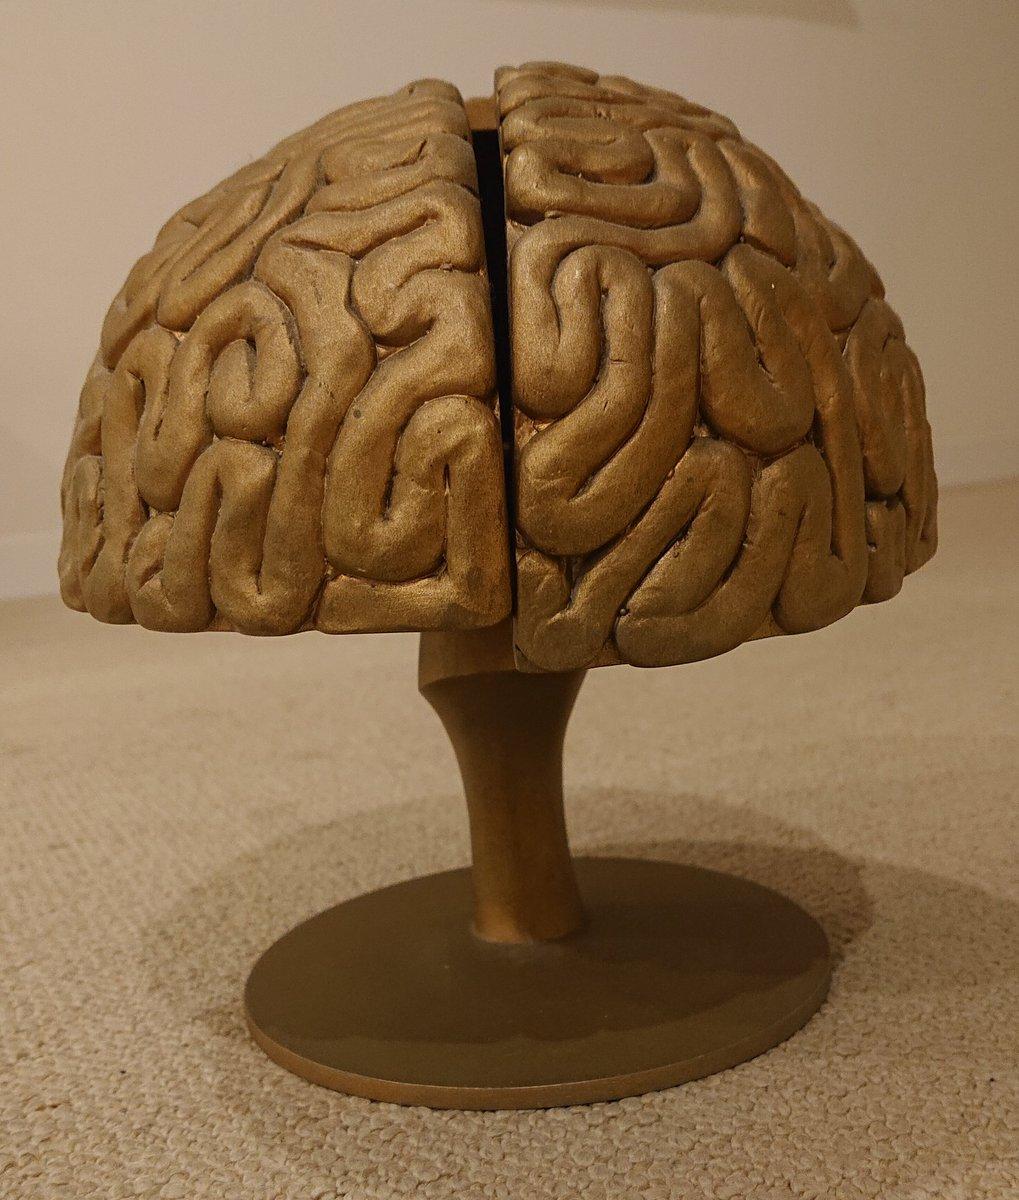 メロンパン入れって何?ってそりゃ知らない方も多いですよね。これです。脳ミソの中にメロンパンを入れる仕様になってます。我が家の宝です。 https://t.co/qRDfD6jXjk